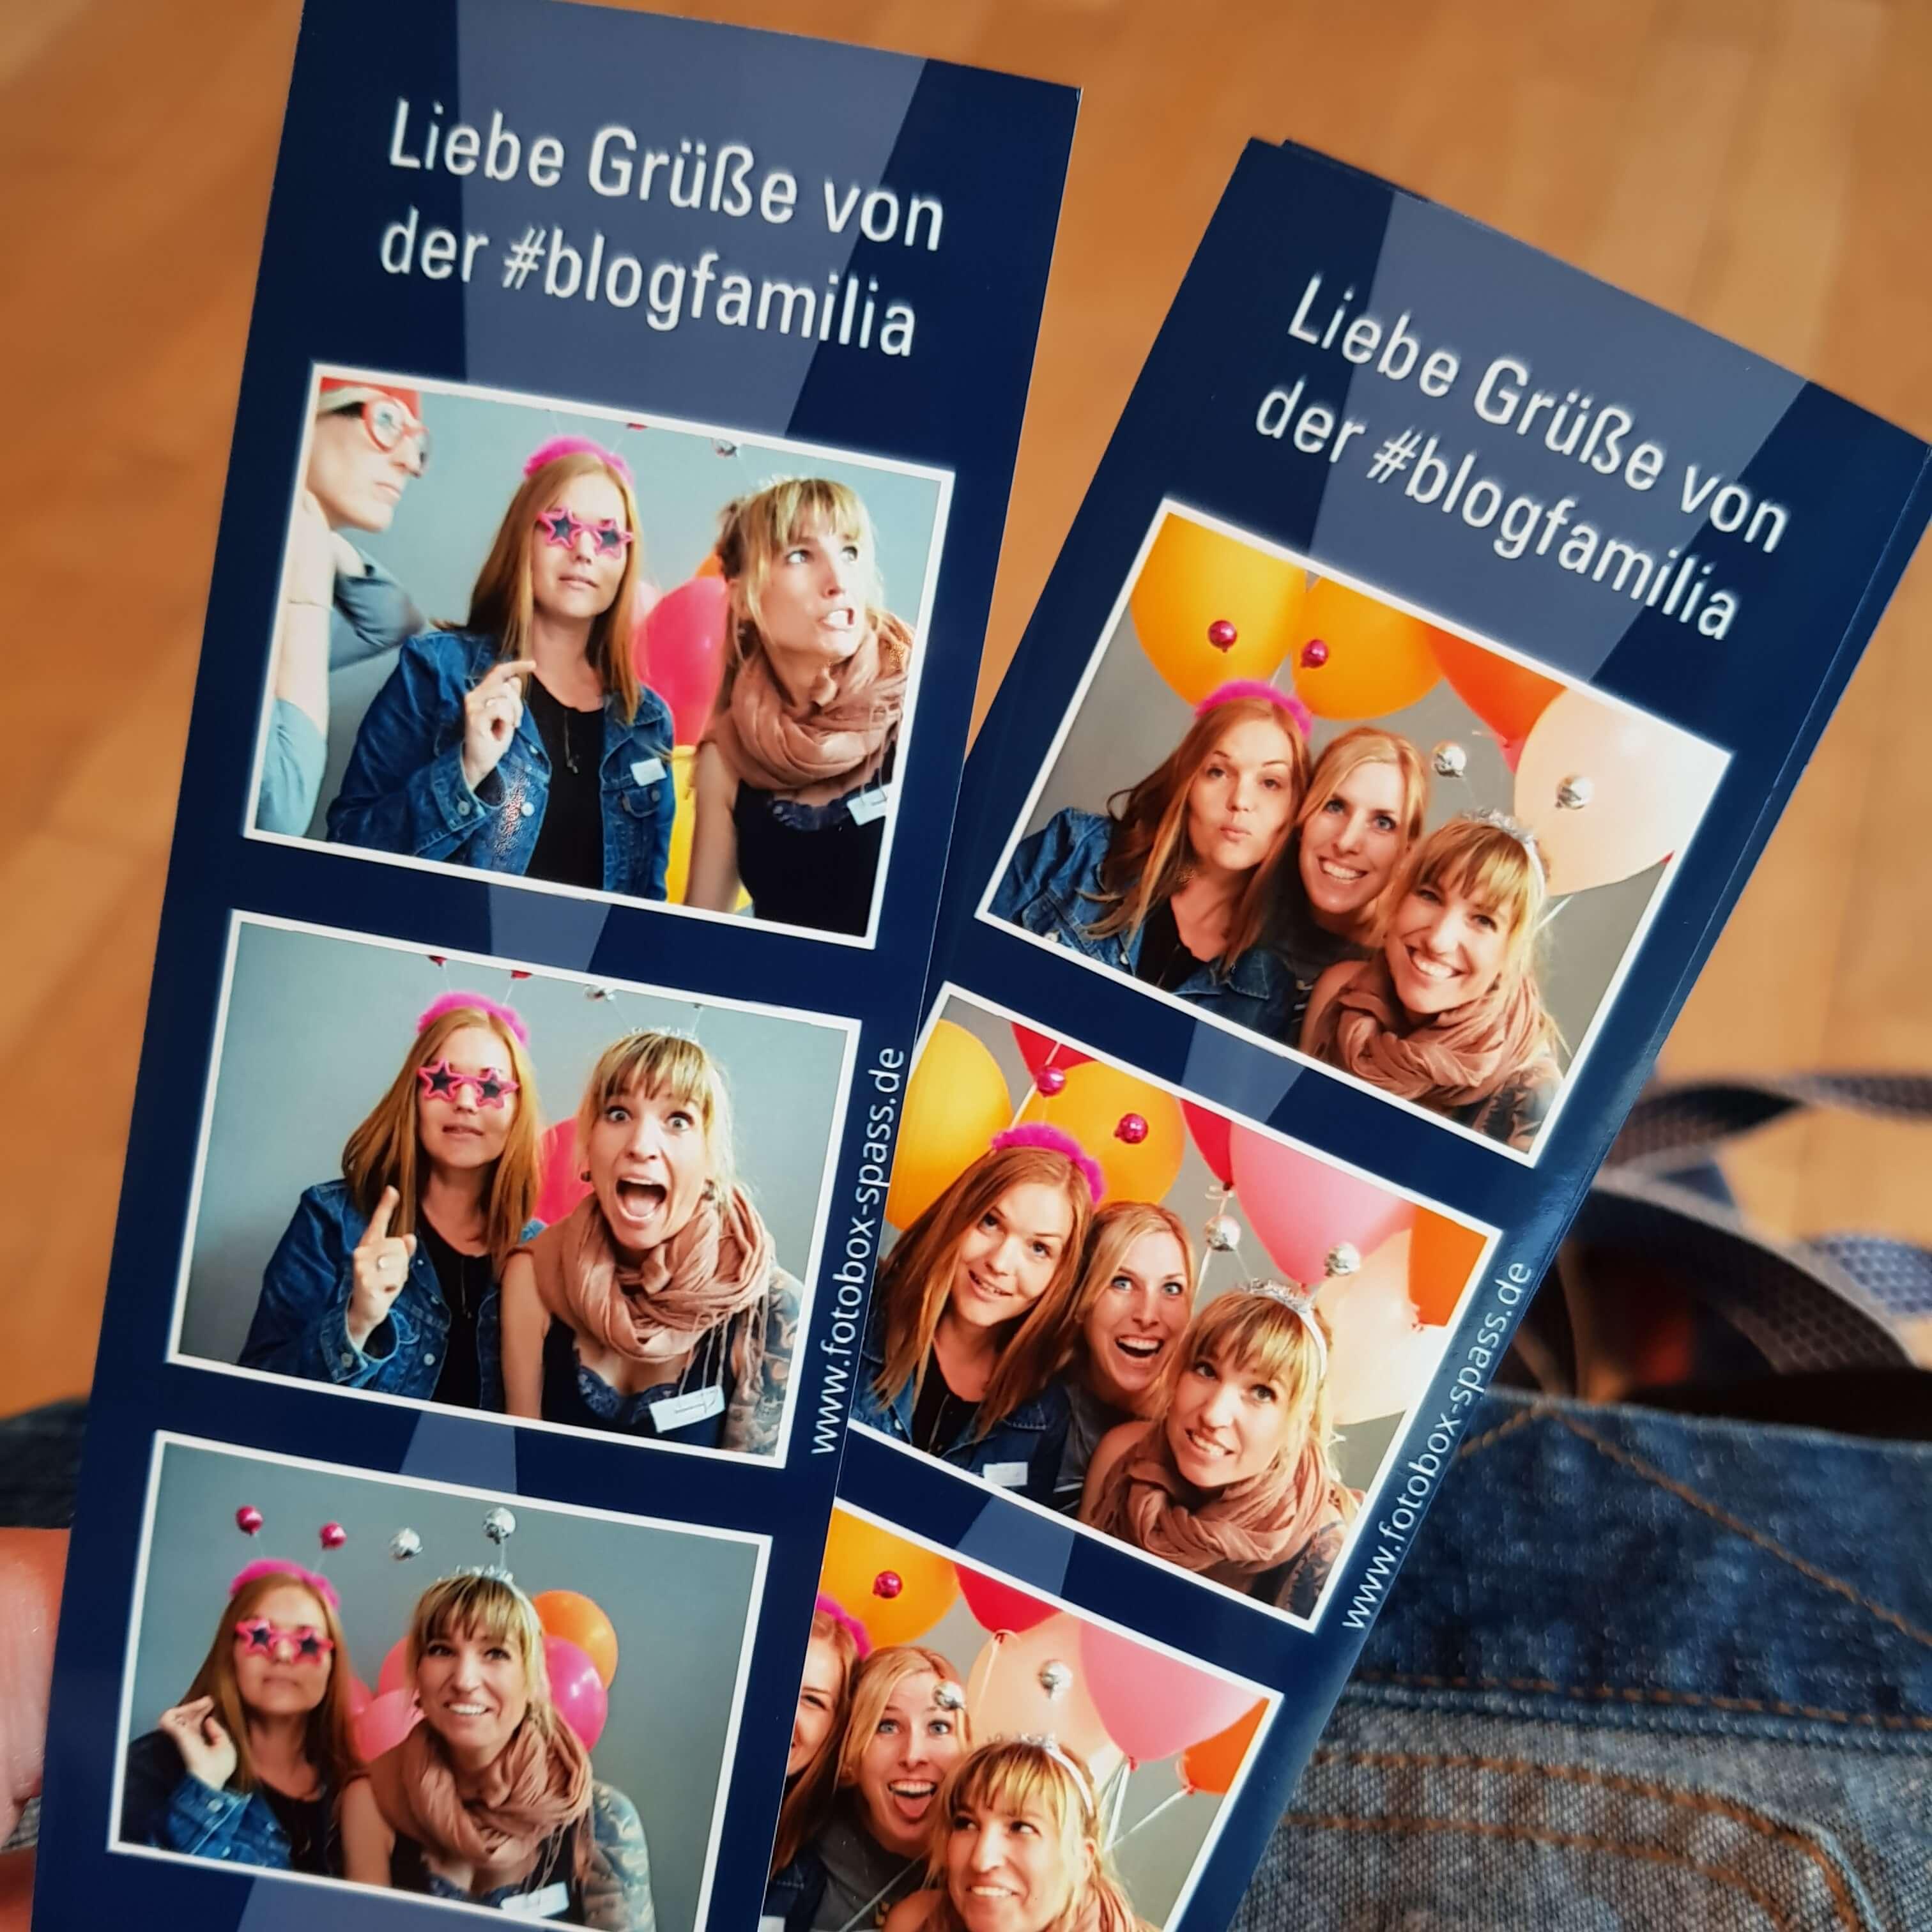 Bilder aus der Fotobox von der Blogfamilia 2018